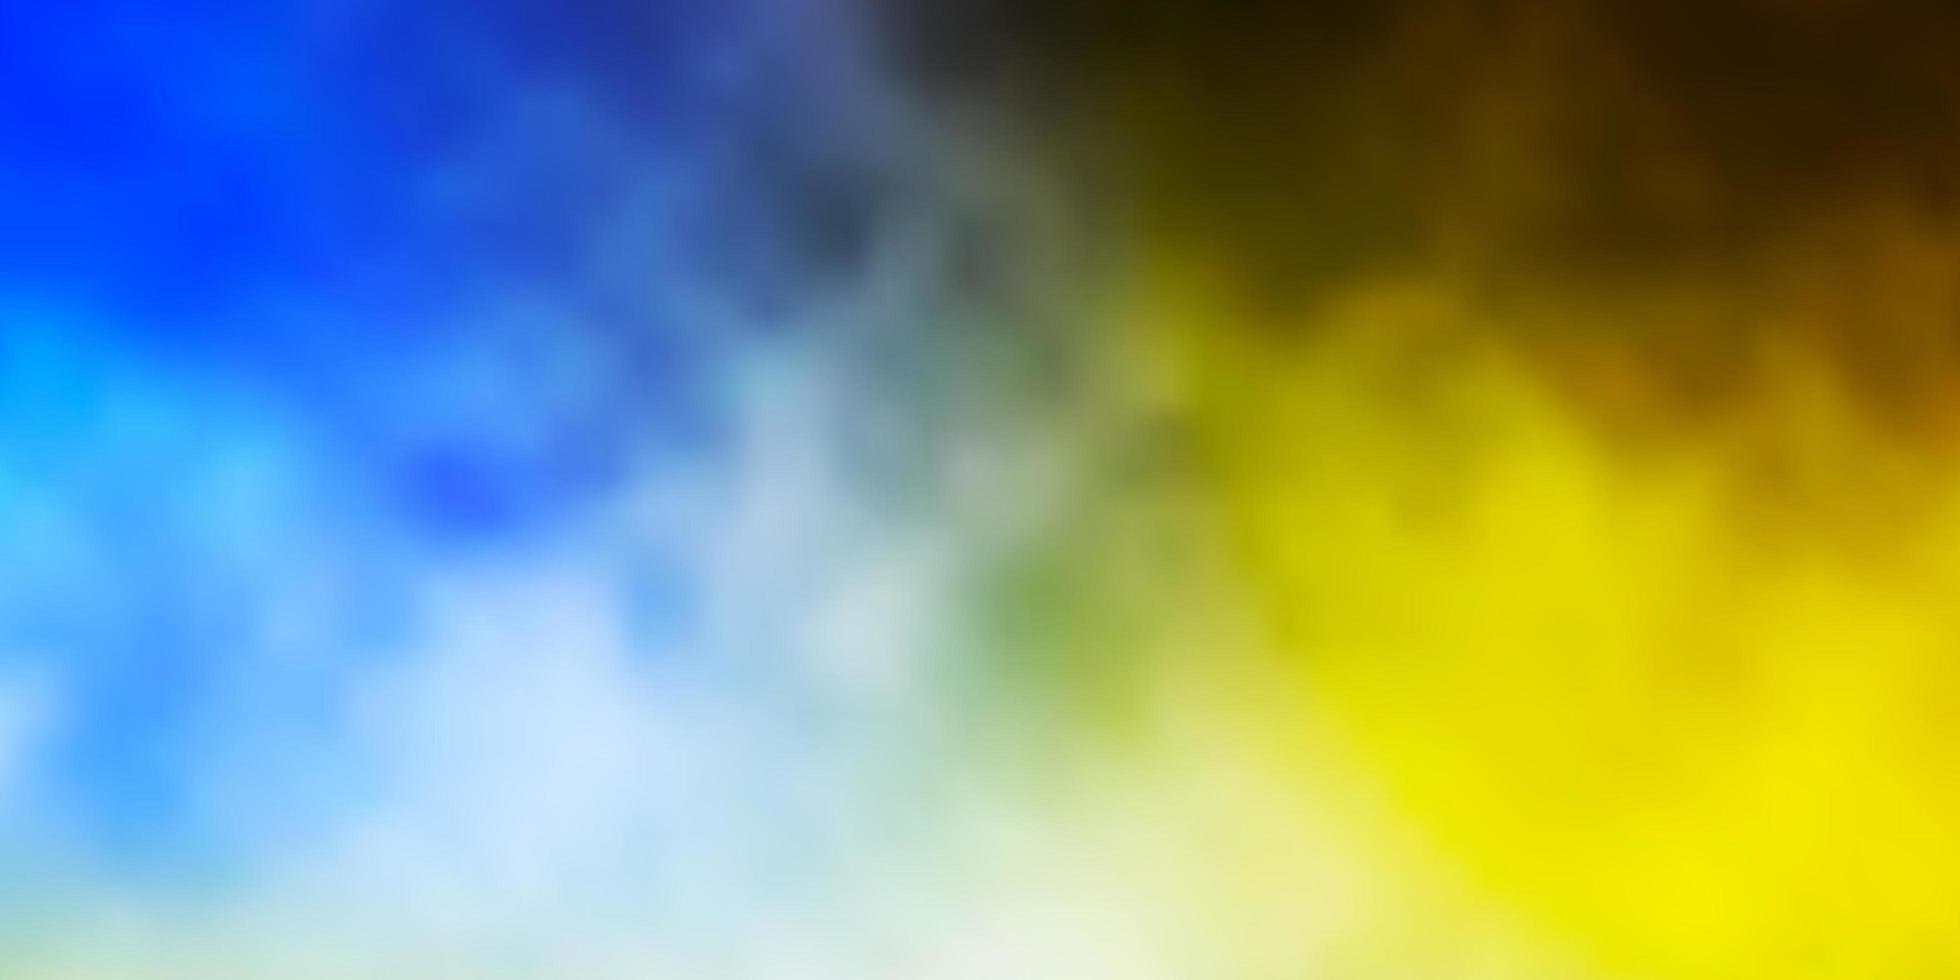 trama blu e giallo con cielo nuvoloso. vettore